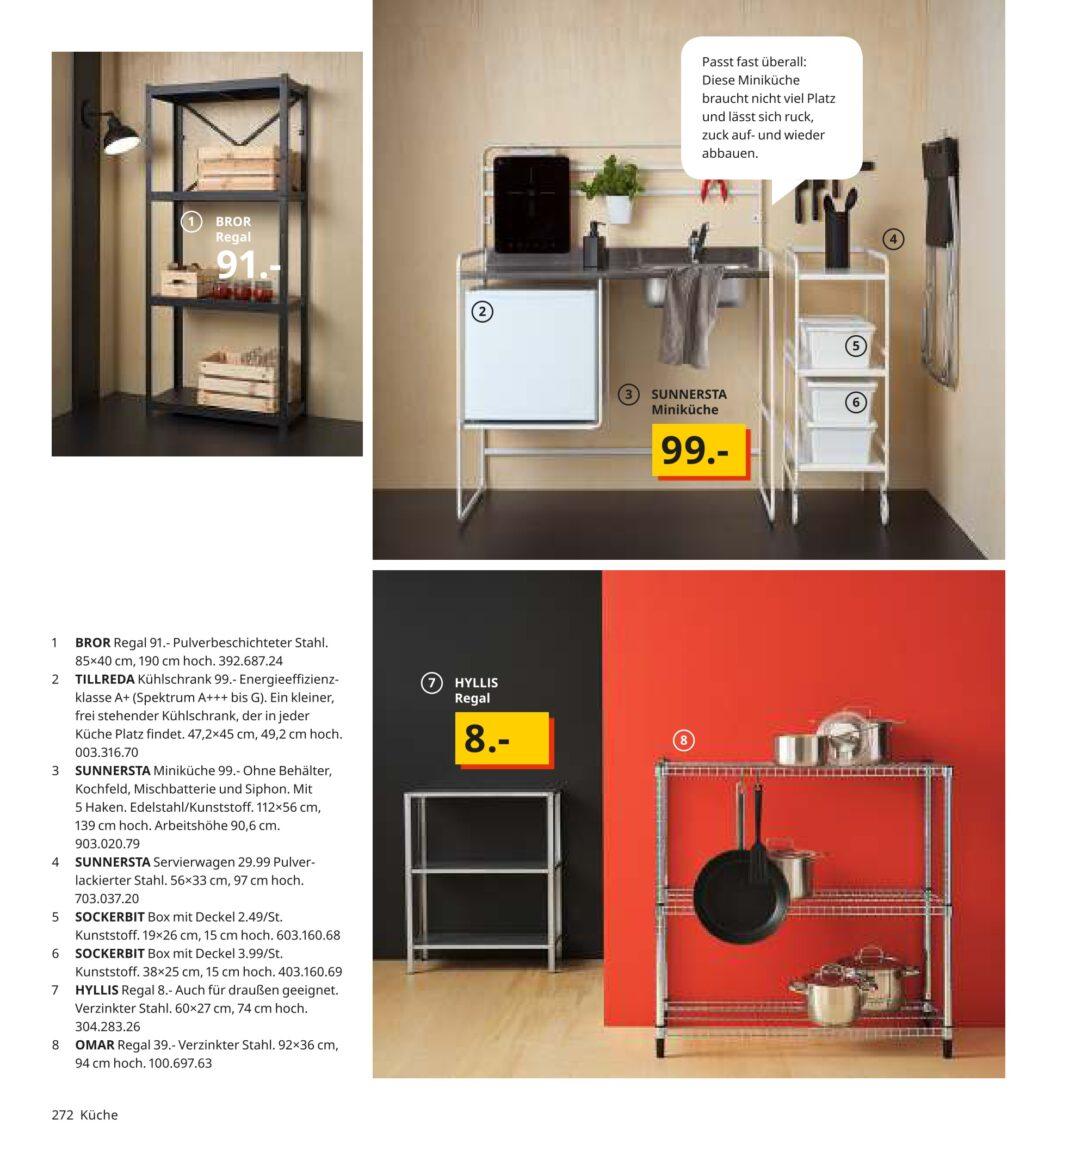 Large Size of Miniküche Roller Sunnersta Minikche Im Angebot Bei Ikea Kupinode Stengel Regale Mit Kühlschrank Wohnzimmer Miniküche Roller